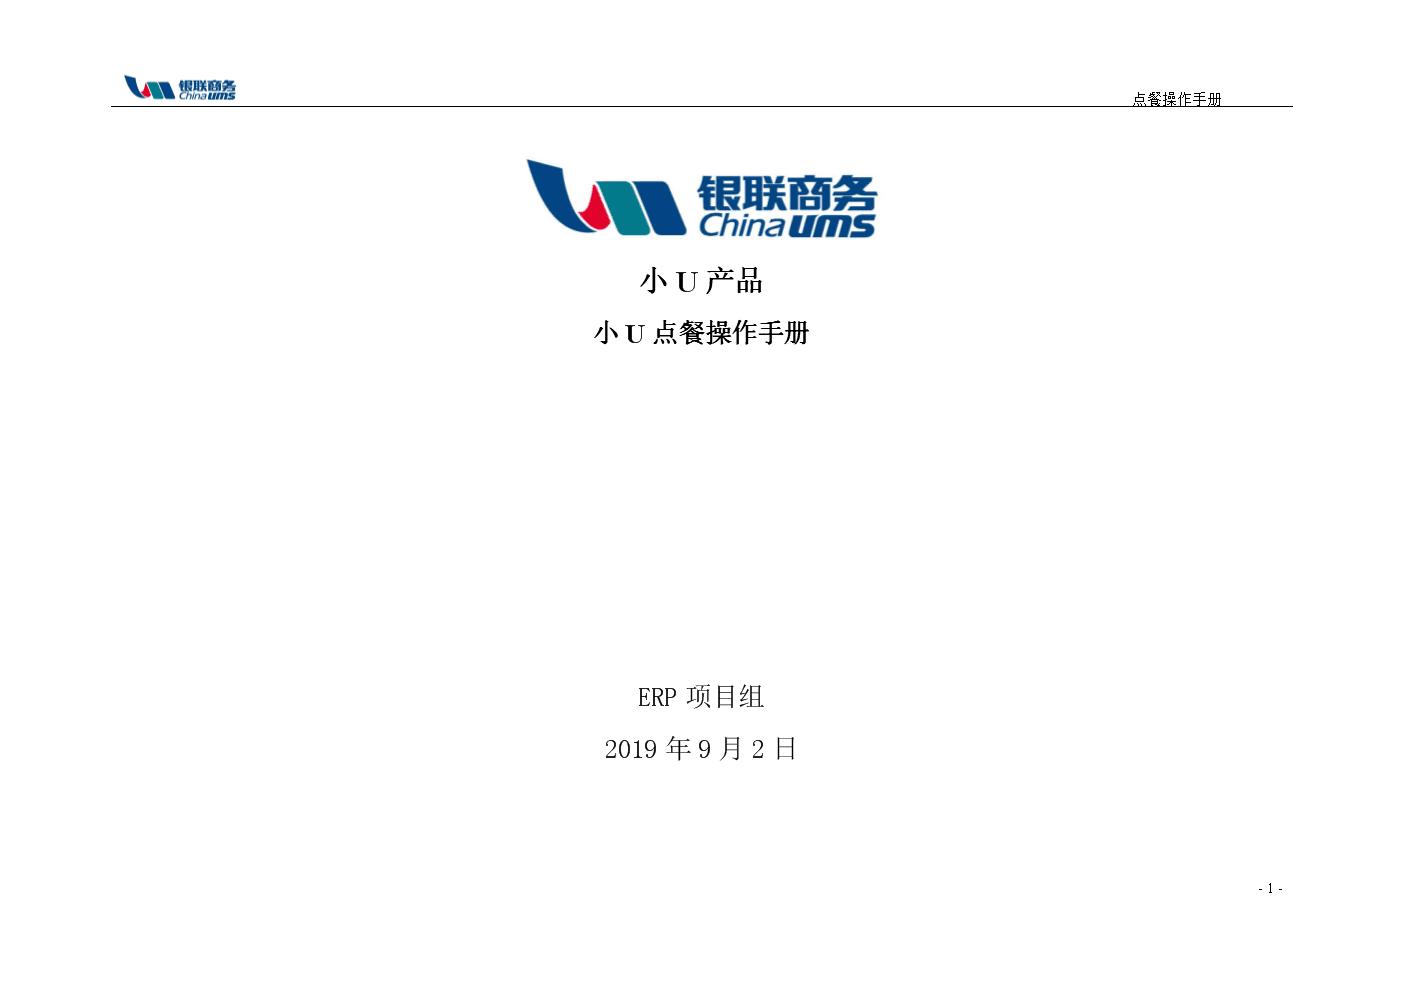 银联小U产品_小U点餐商户云平台操作手册V4.2.3_20190902(1).docx